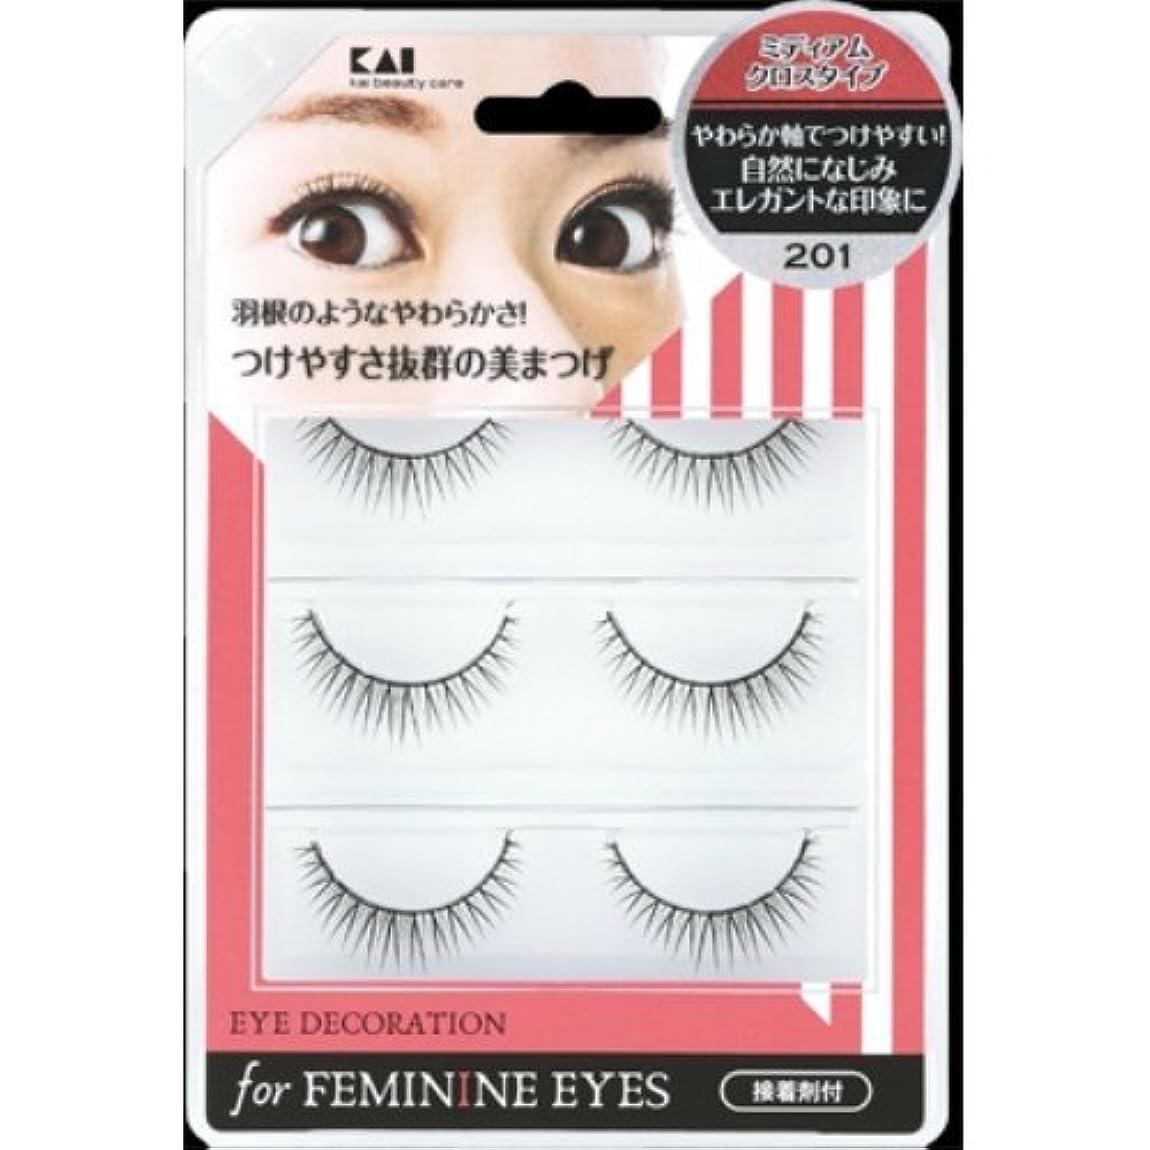 瀬戸際冗談でテスト貝印 アイデコレーション for feminine eyes 201 HC1558